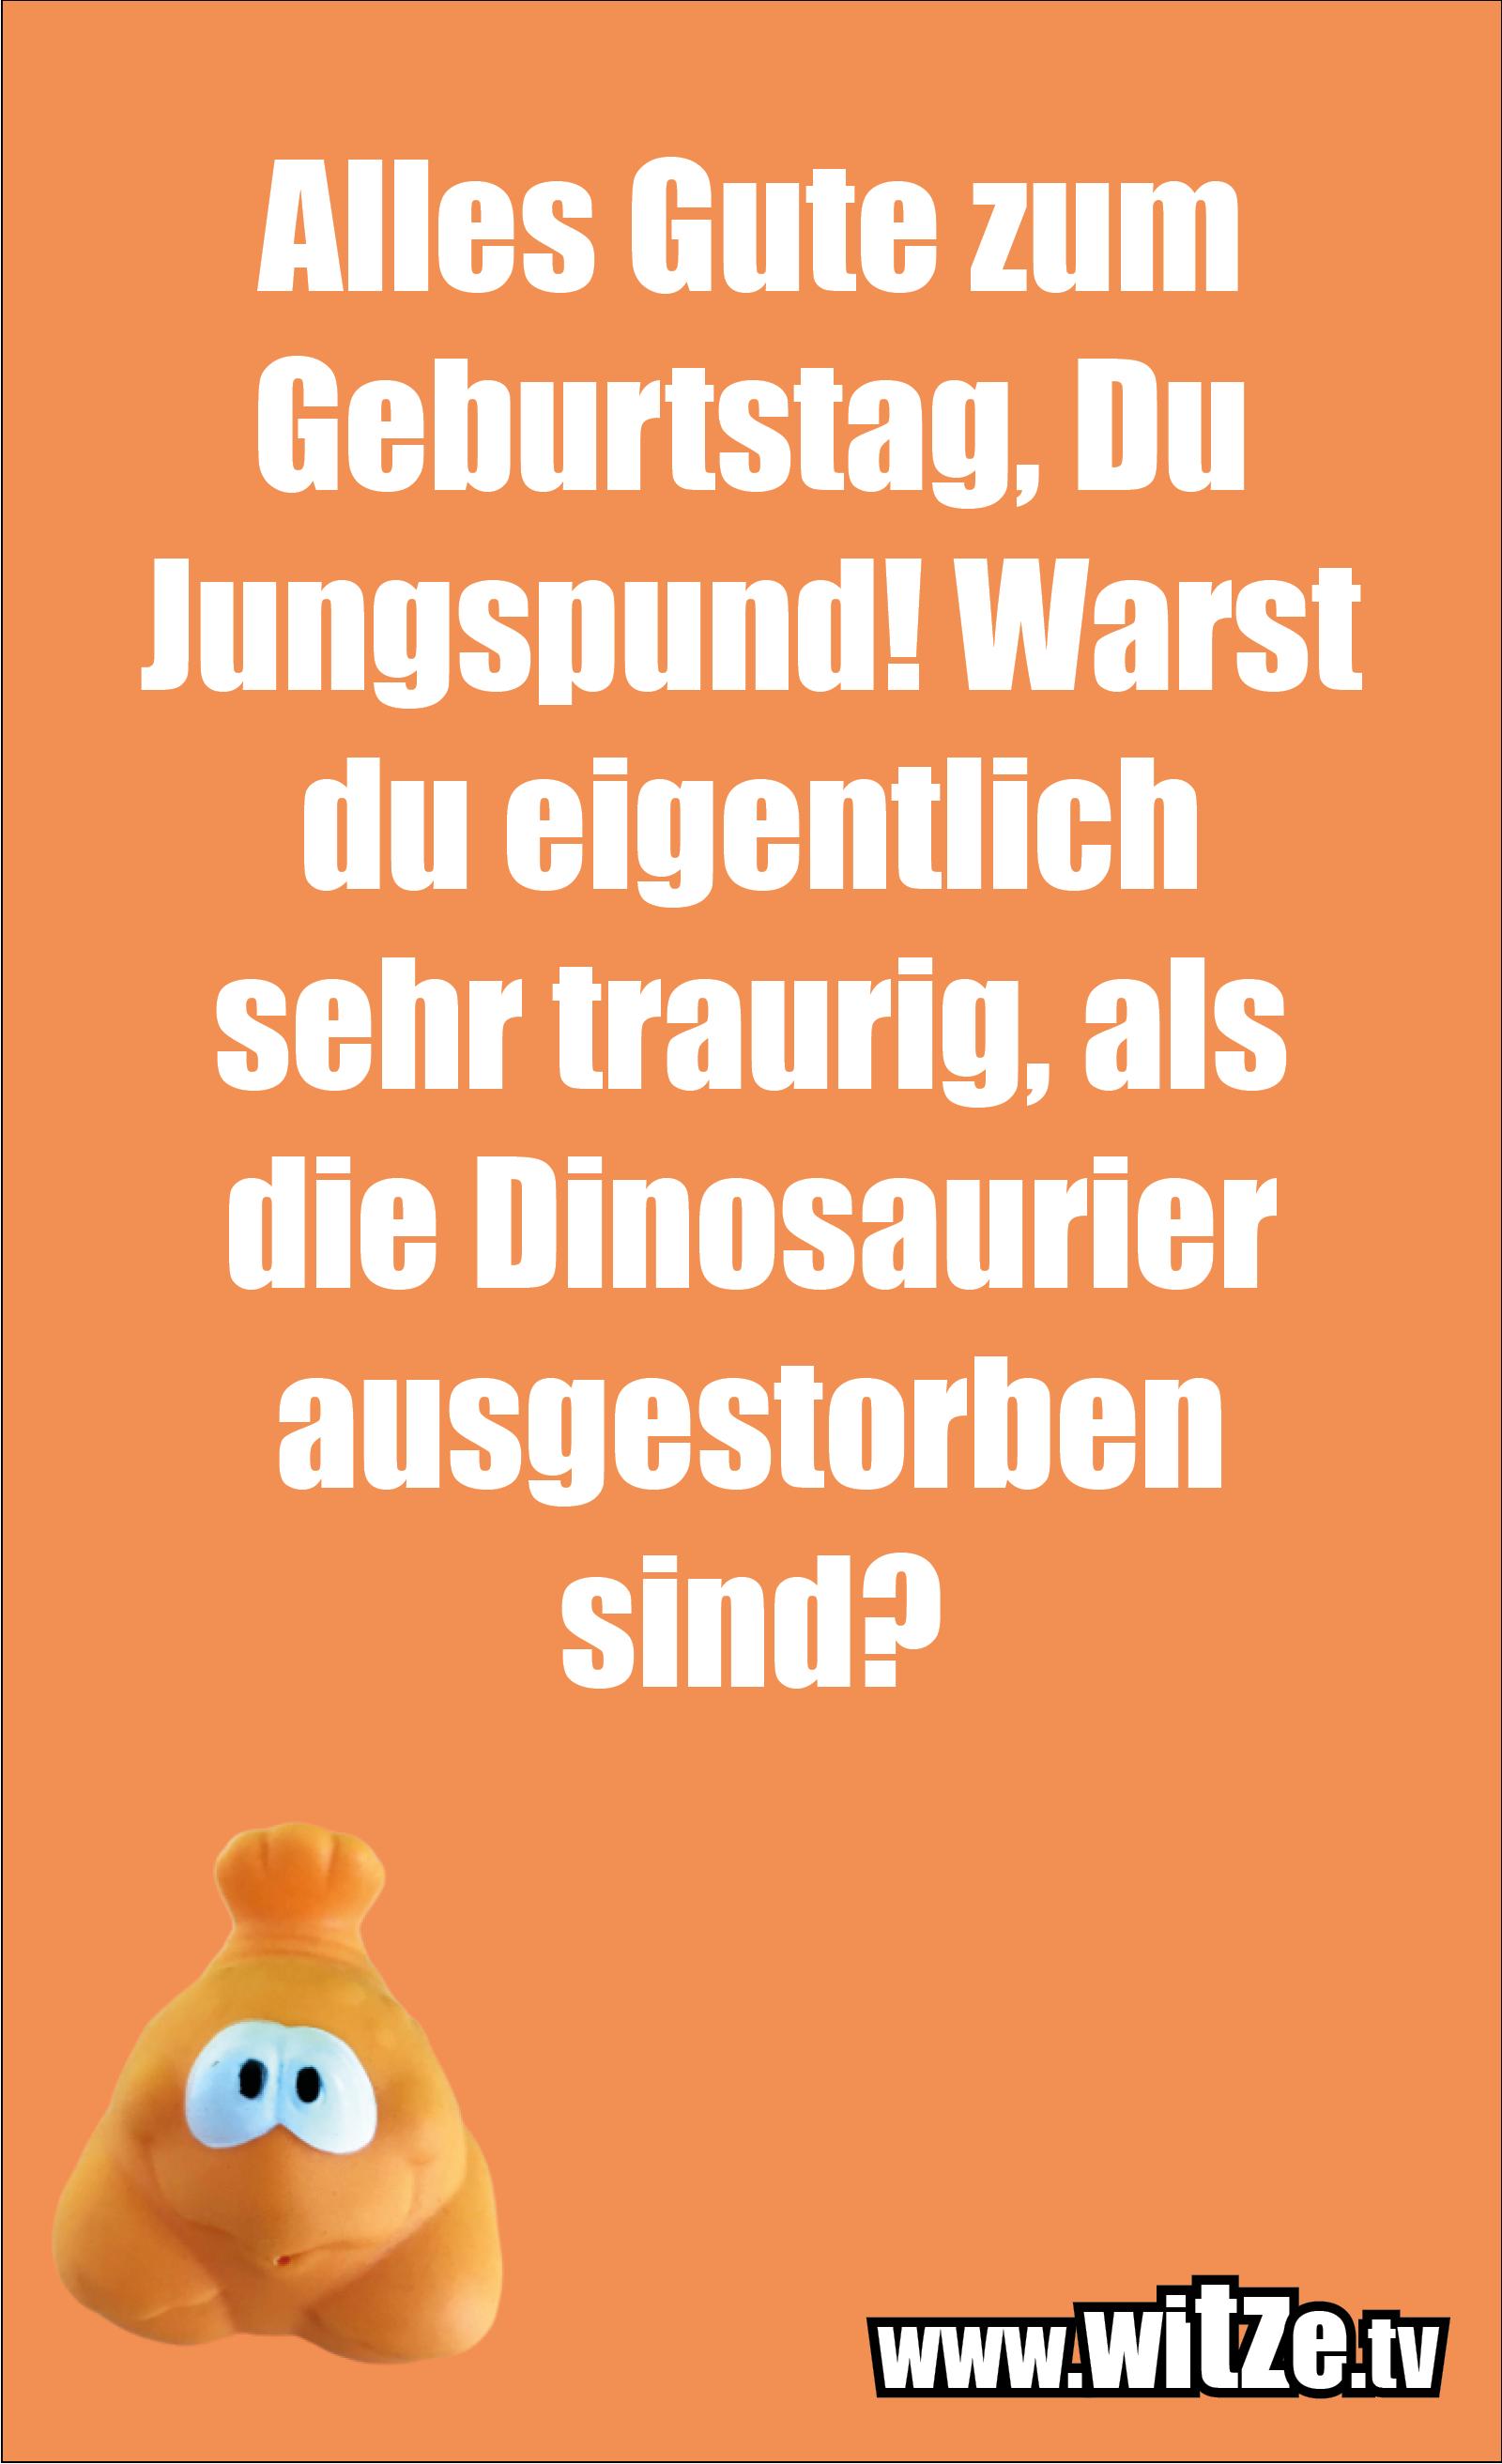 Lustige Geburtstagswünsche: Alles Gute zum Geburtstag, Du Jungspund! Warst du eigentlich sehr traurig, als die Dinosaurier ausgestorben sind?